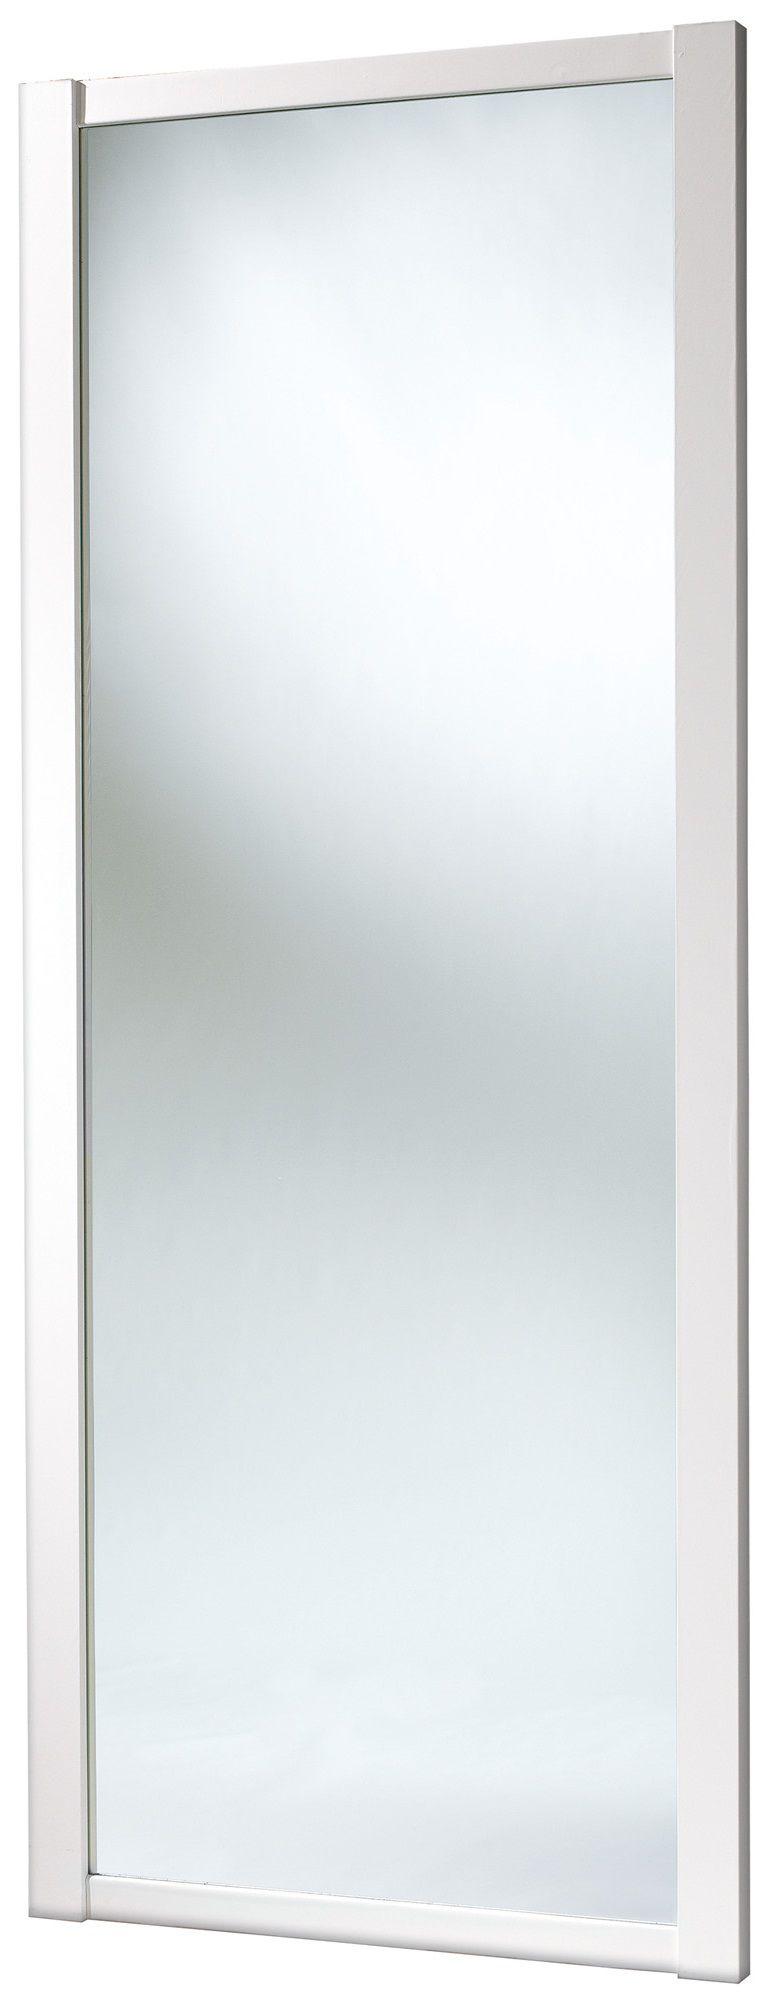 Shaker Full Length Mirror White Sliding Wardrobe Door (h)2220 Mm (w)762mm